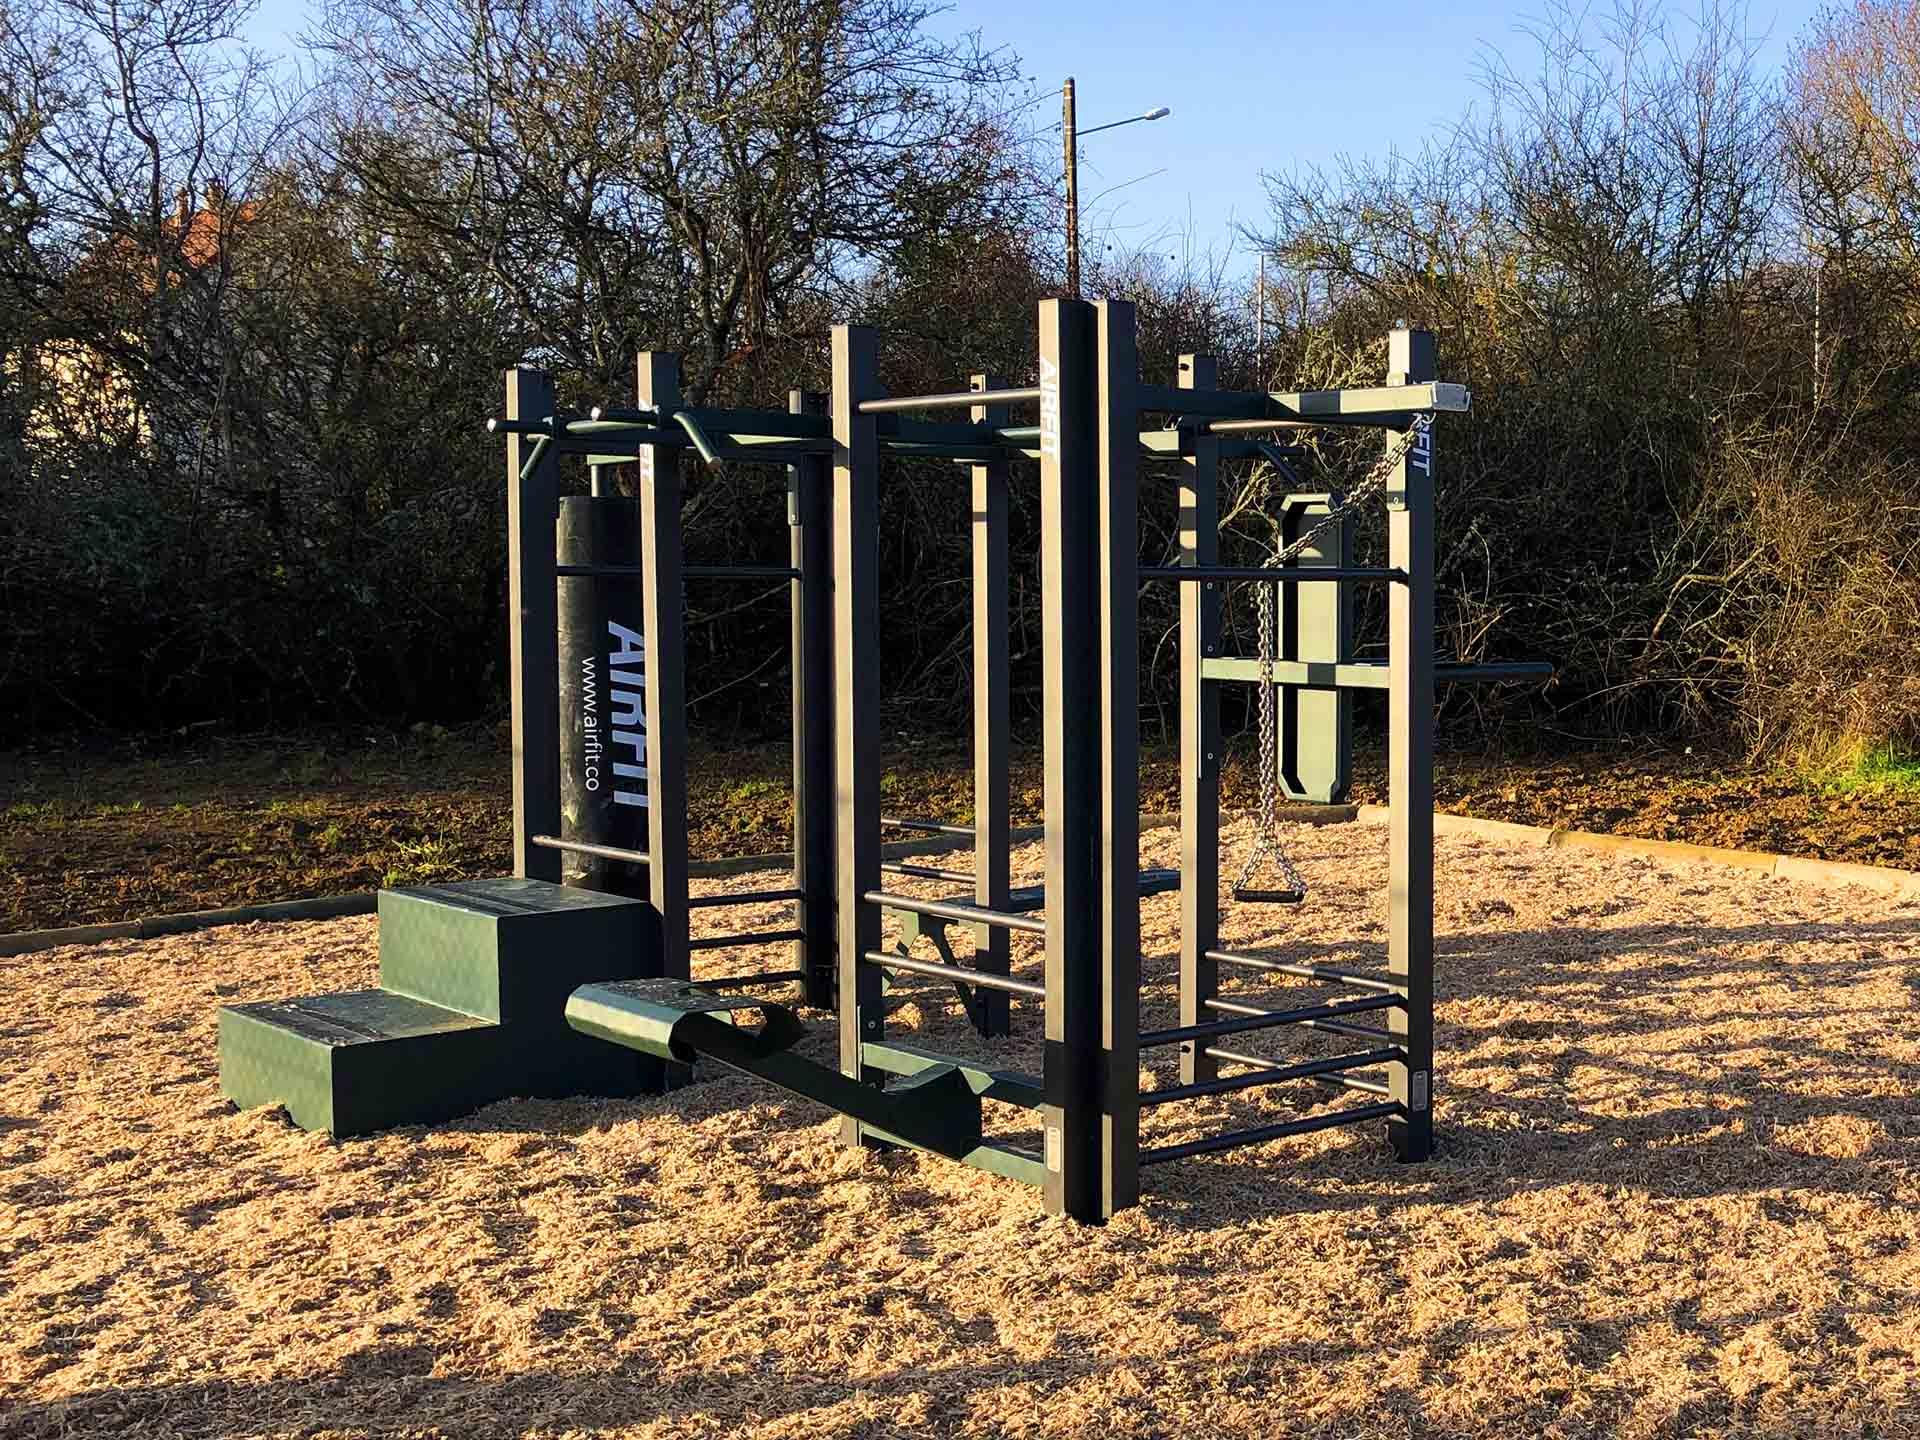 https://www.lejdc.fr/coulanges-les-nevers-58660/actualites/aire-de-fitness-connectee-pour-les-sportifs_13806473/